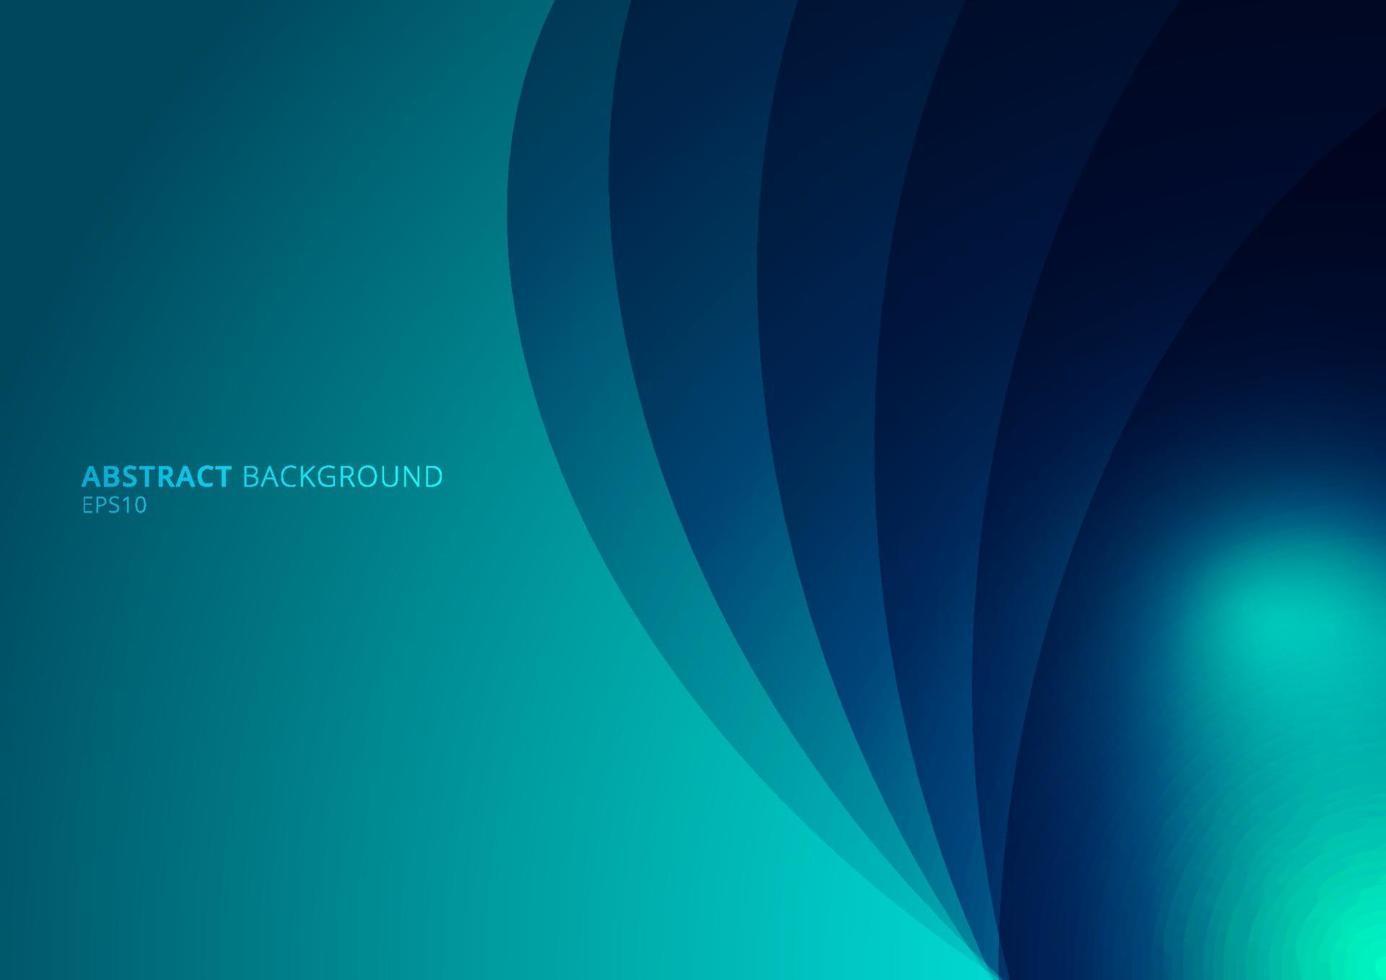 gekrümmte Ebenen des abstrakten blauen Hintergrunds mit Schatten und Raum für Ihren Text vektor